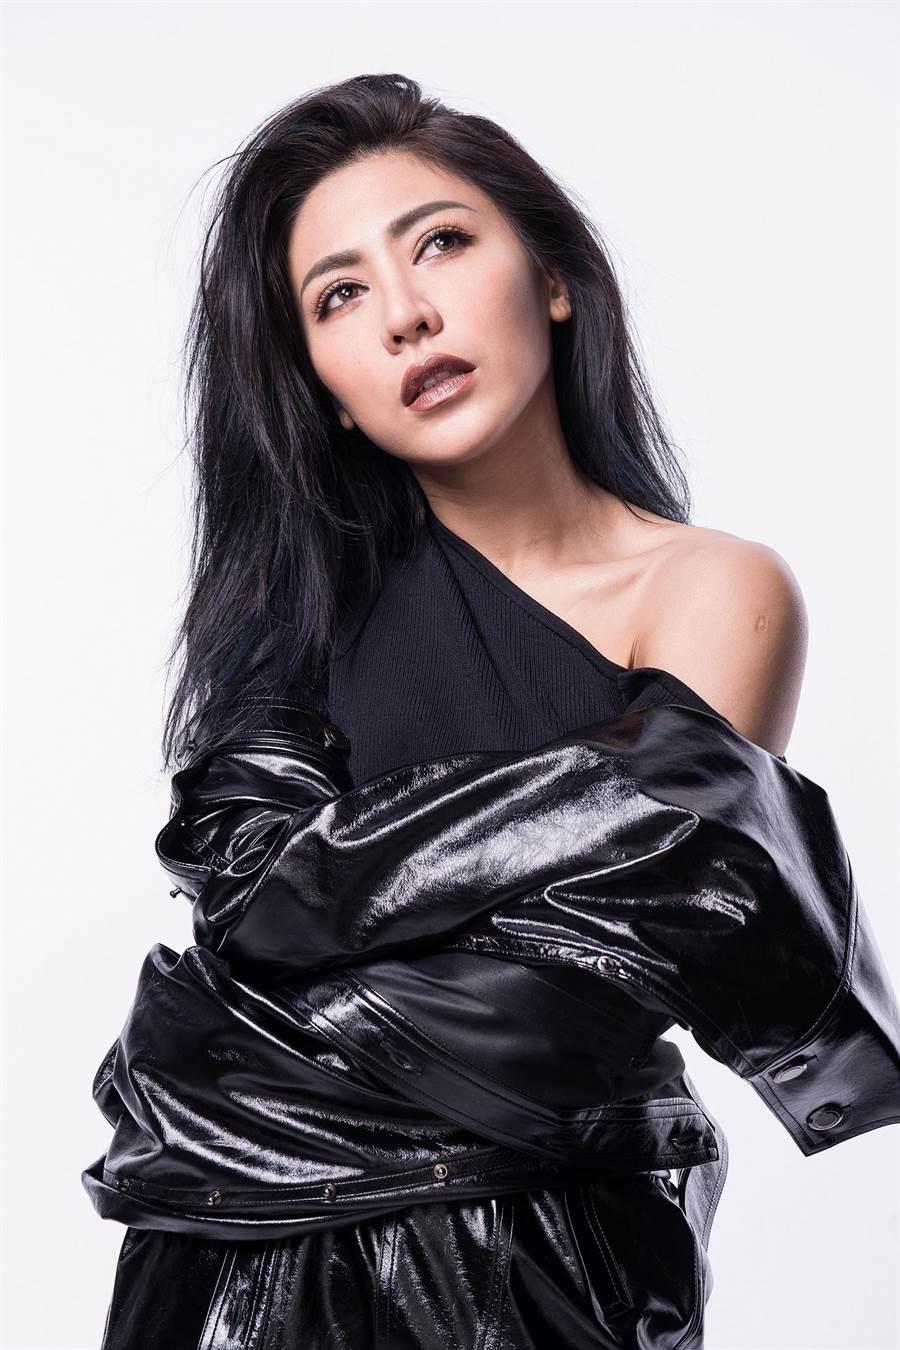 艾怡良以《垂直活著,水平留戀著》專輯獲十大專輯及十大單曲肯定。照片 EMI 提供